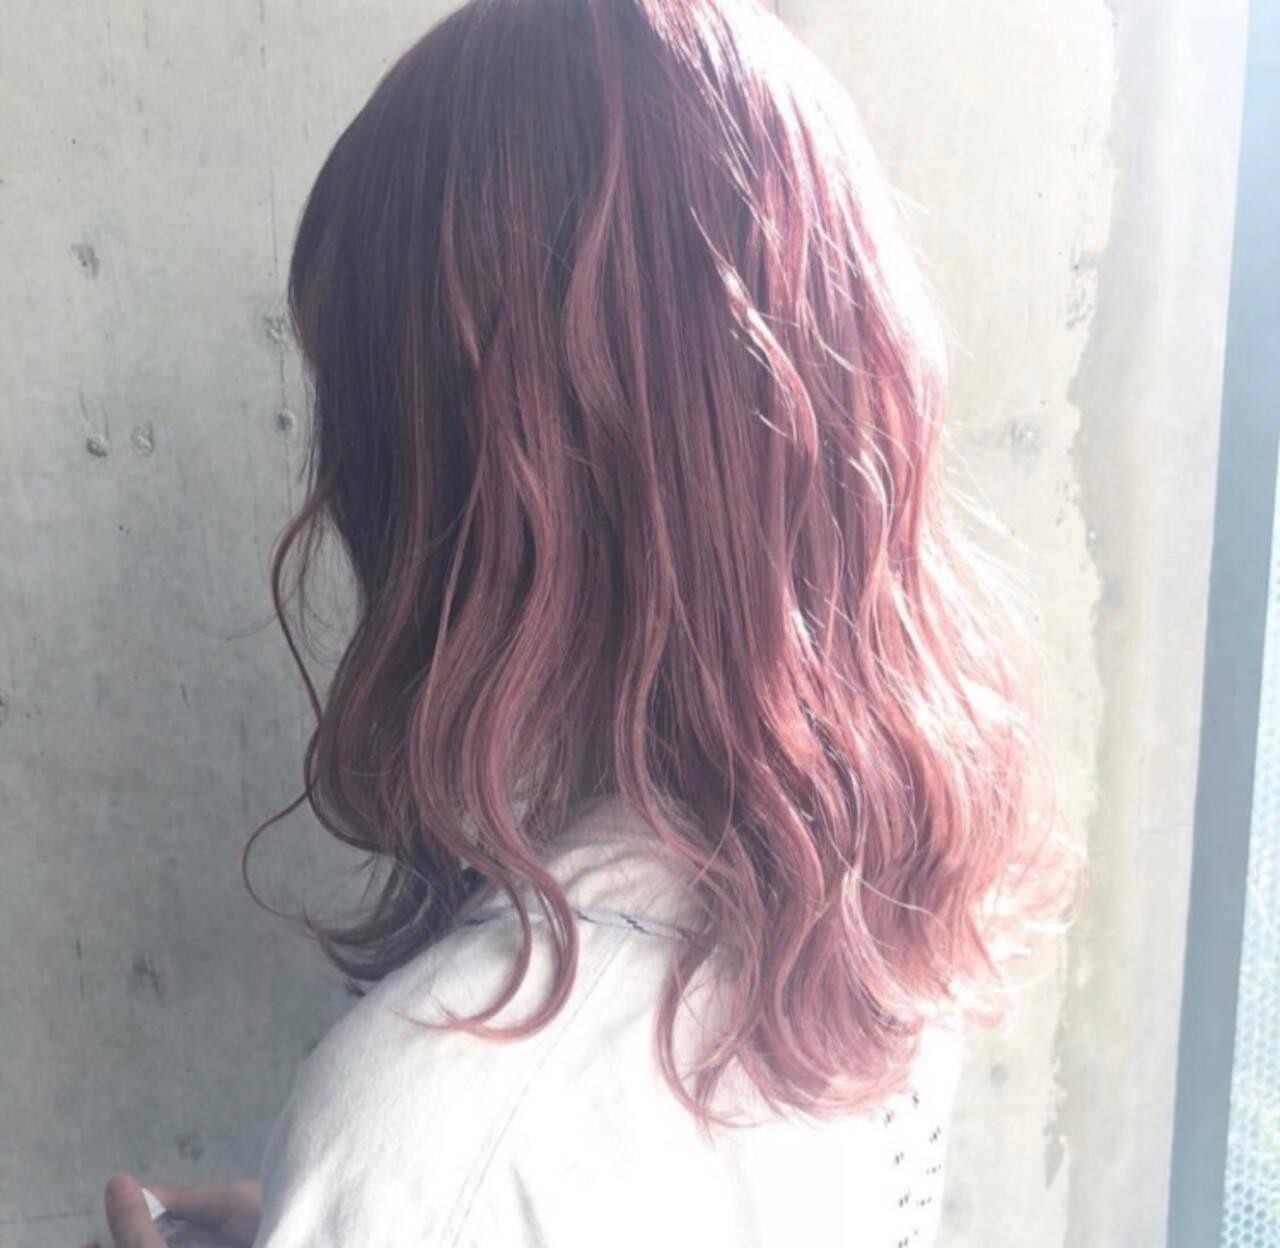 ハイトーン ベリーピンク 外国人風カラー ロングヘアスタイルや髪型の写真・画像